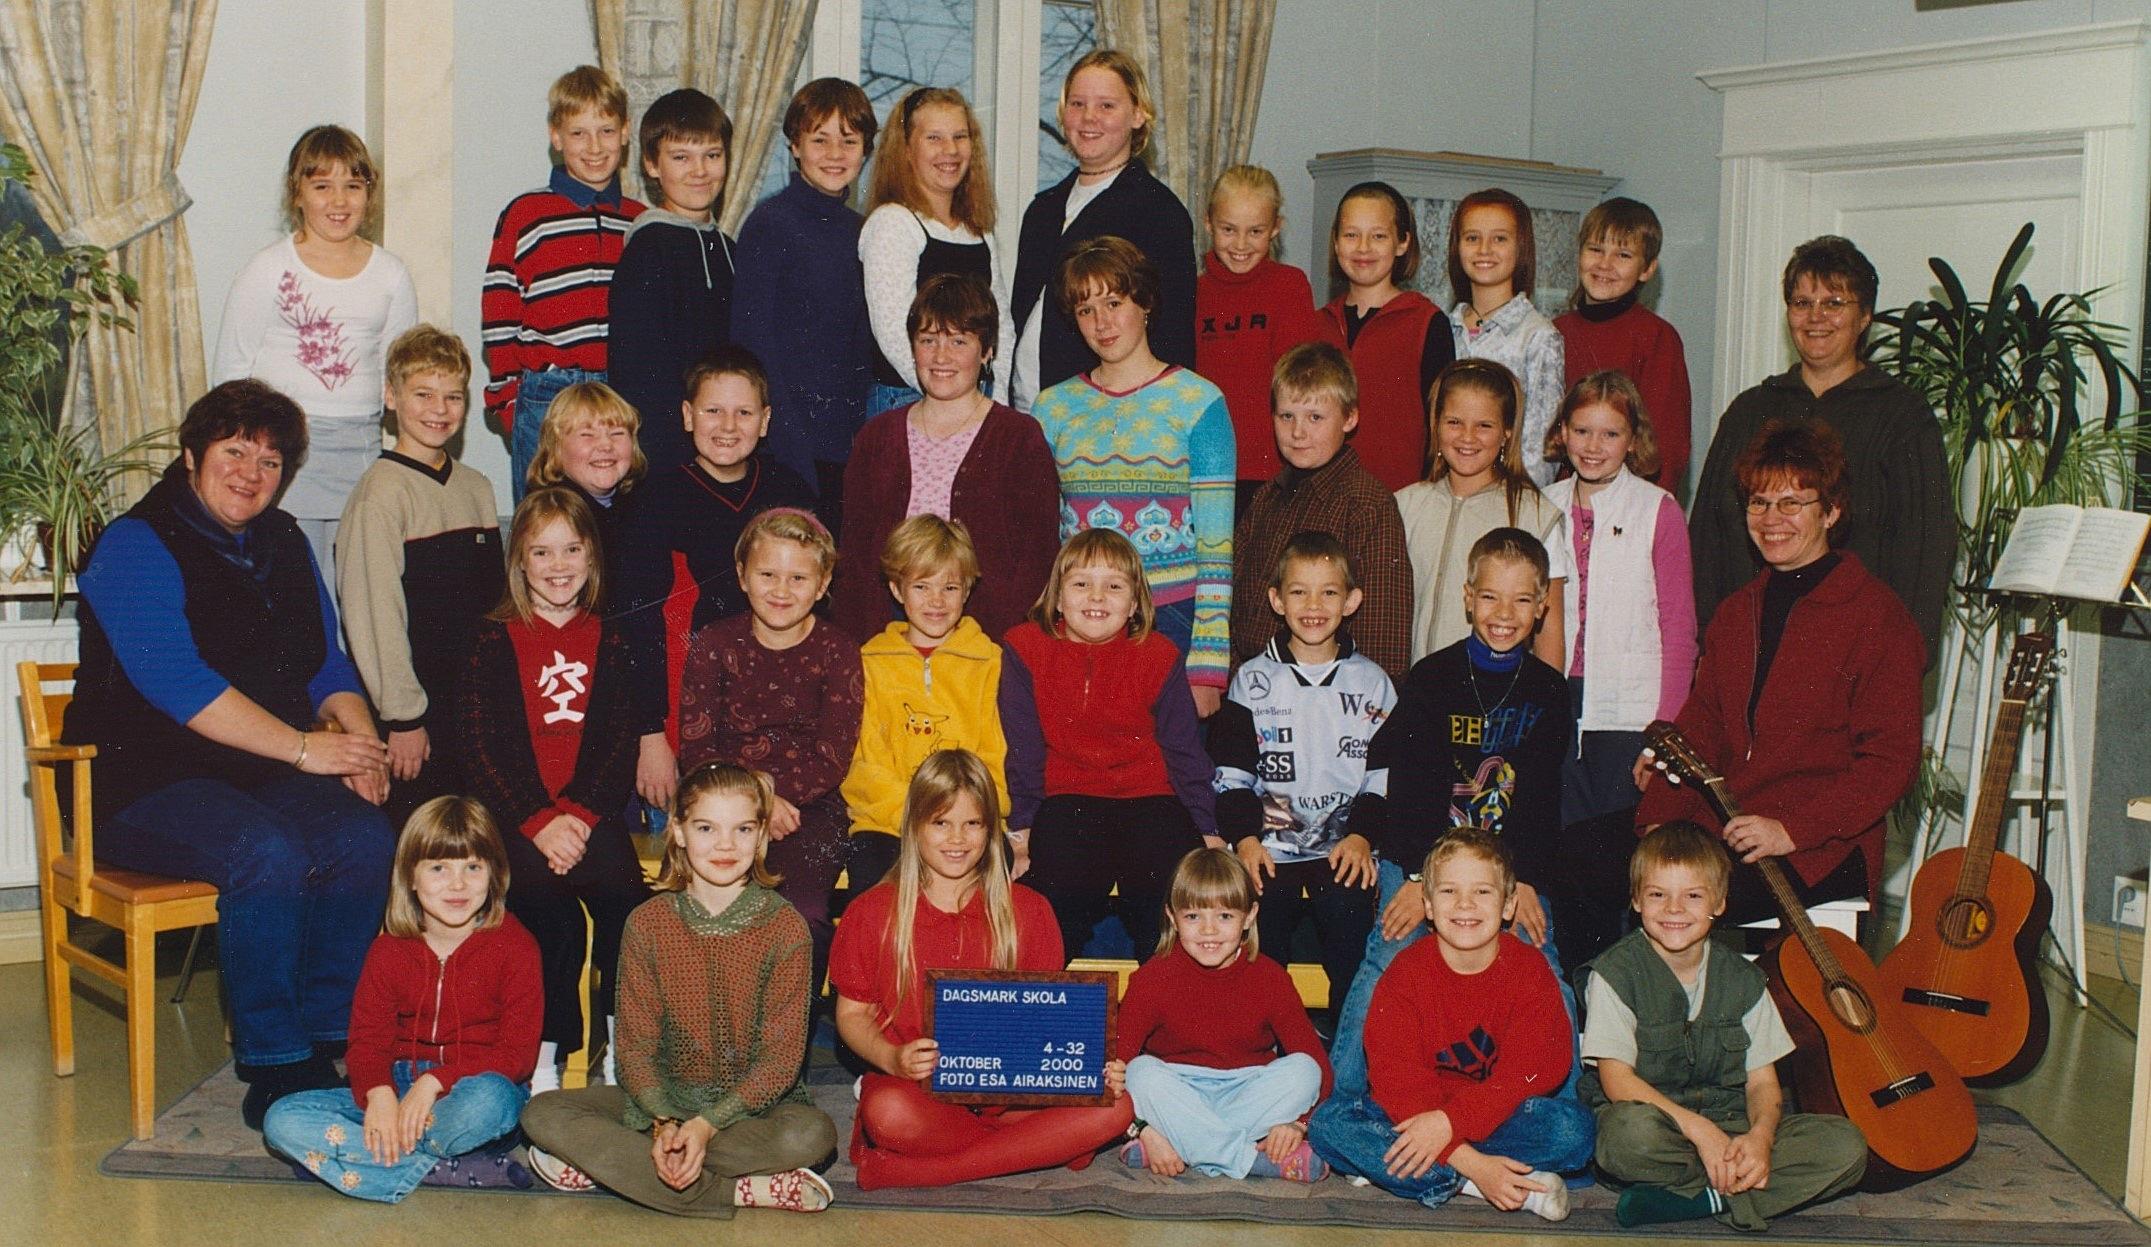 År 2000, Dagsmark skola.